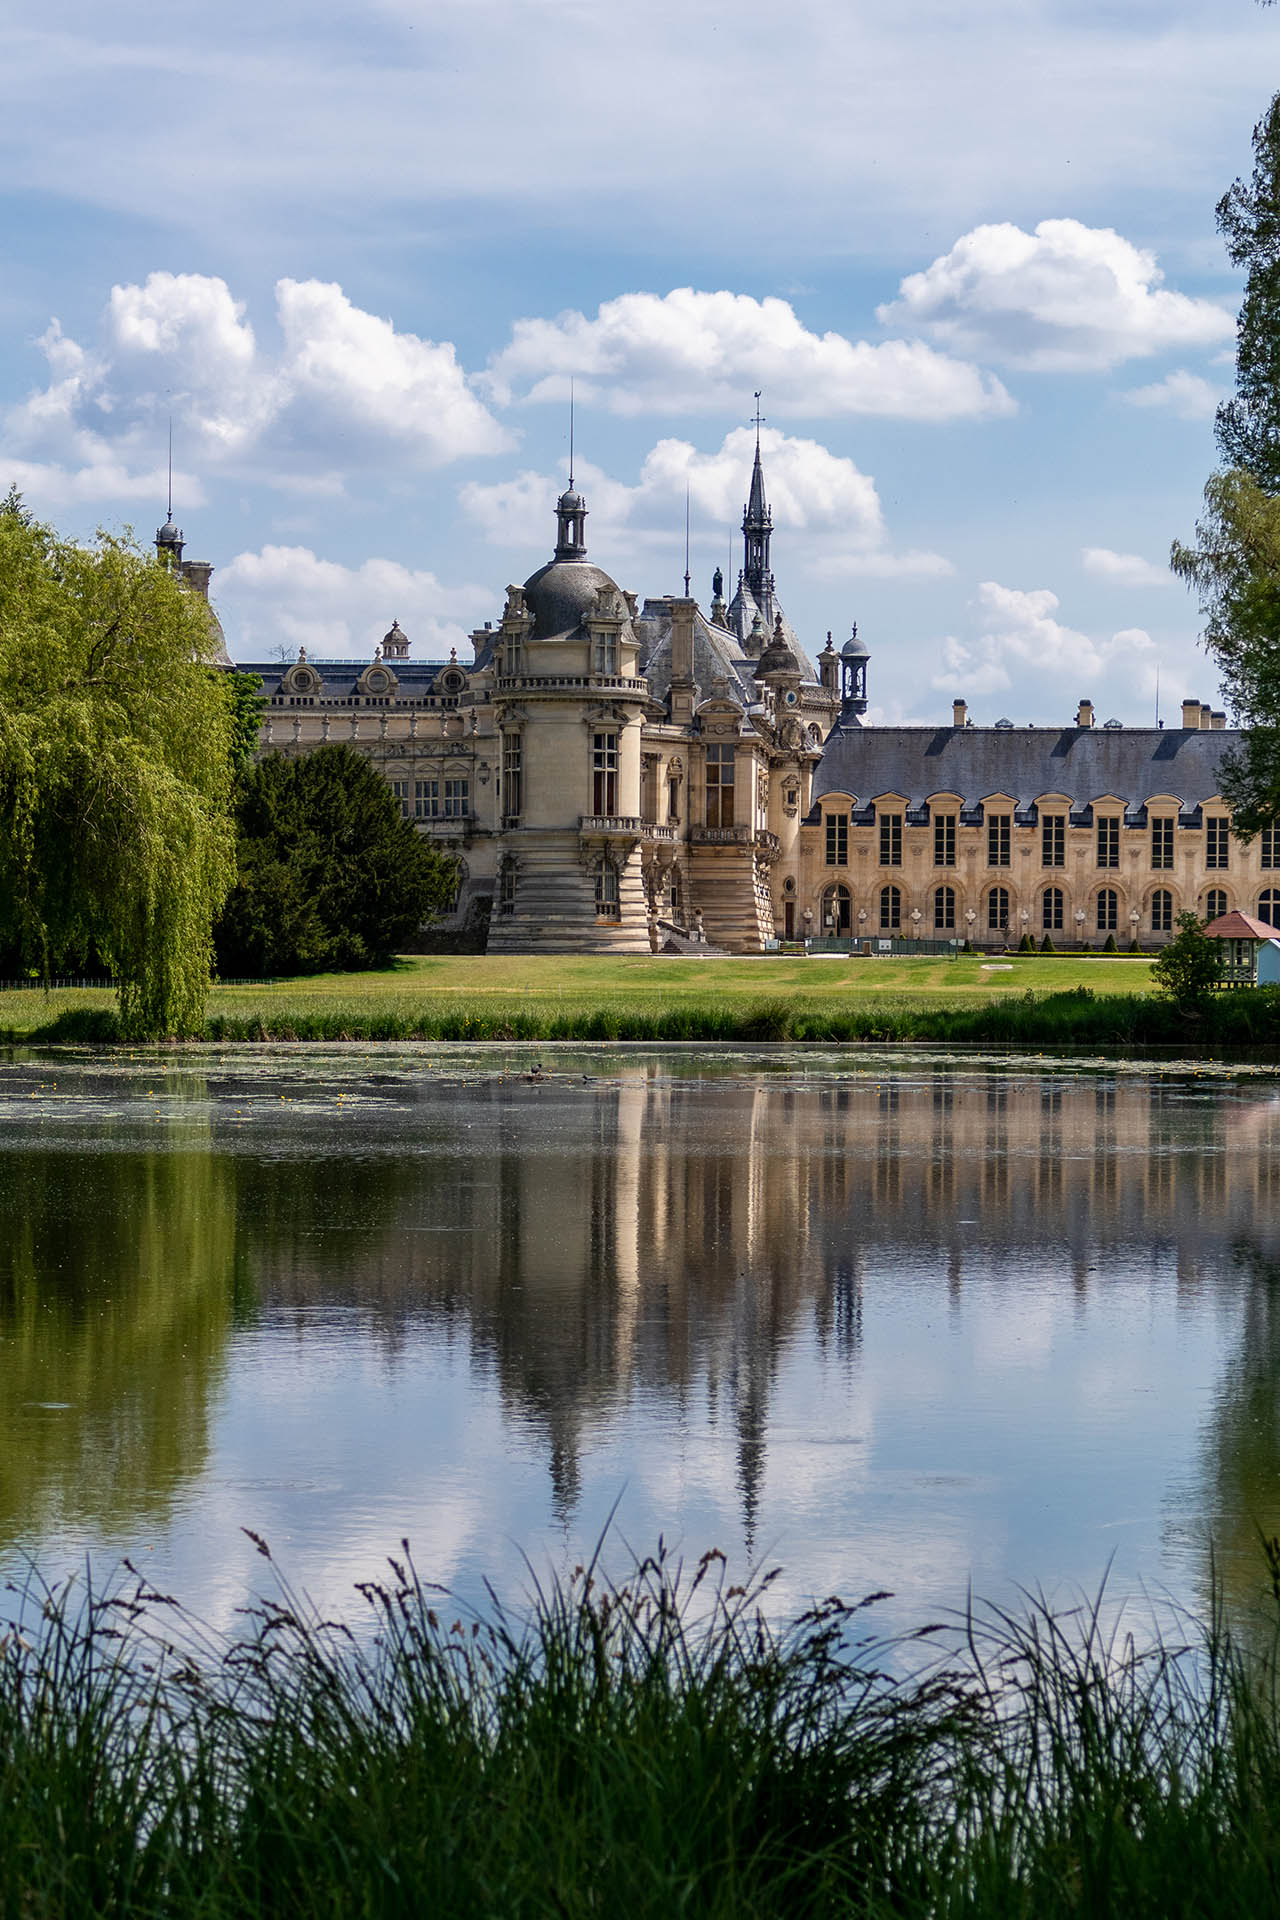 Kasteel van Chantilly met weerspiegeling in het water vanuit de Engelse tuinen.